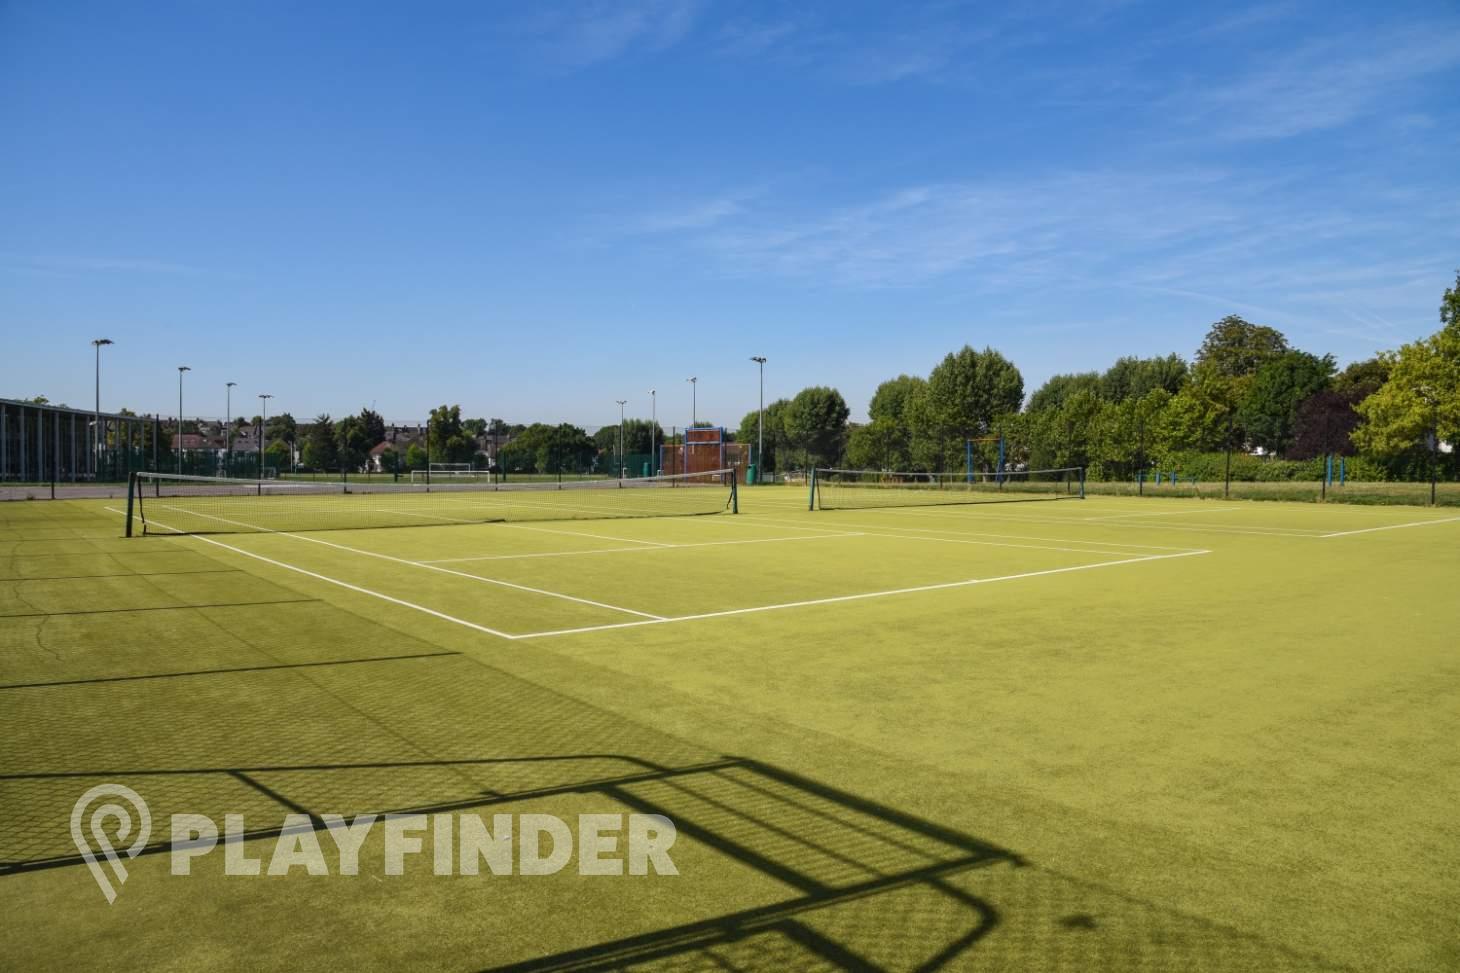 Capital City Academy Outdoor | Astroturf tennis court